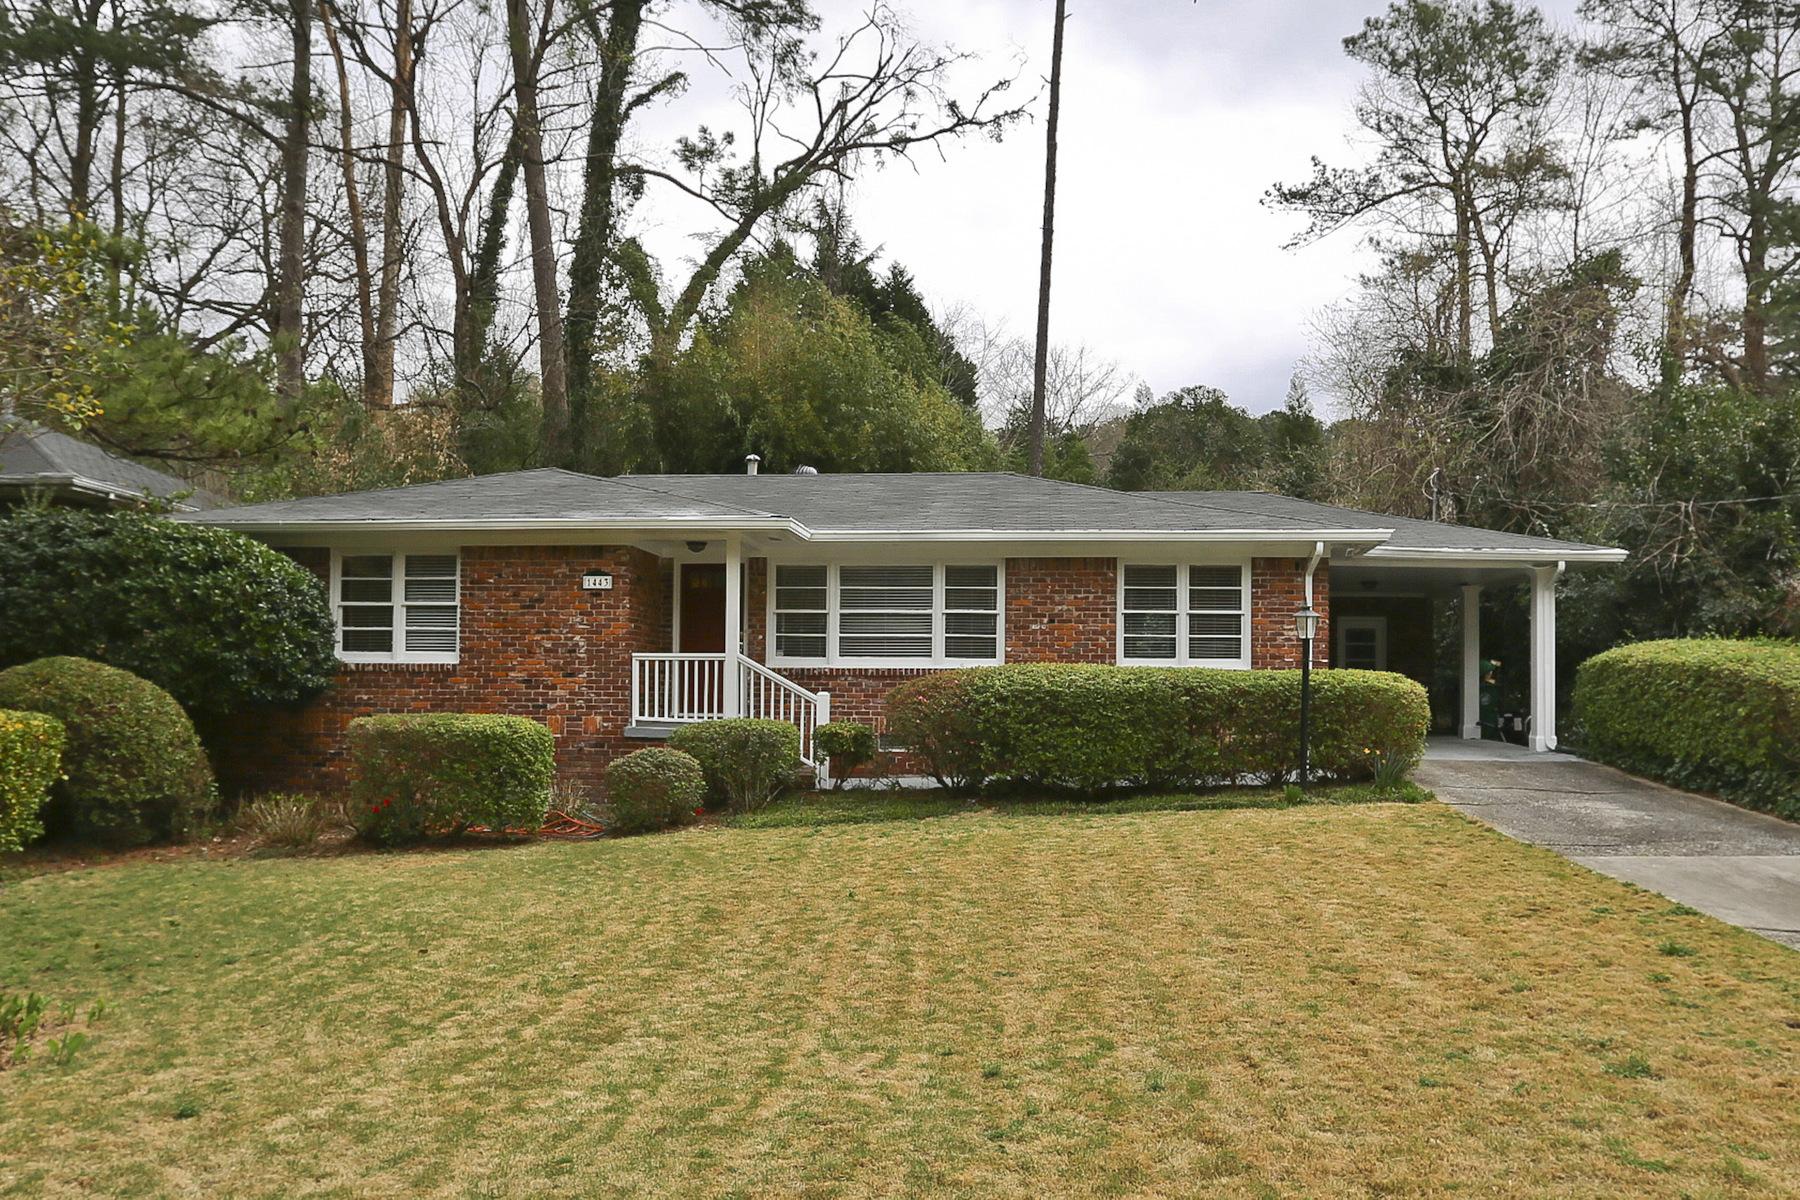 独户住宅 为 销售 在 Four Sided Brick Ranch 1443 Brook Valley Lane NE 亚特兰大, 乔治亚州, 30324 美国